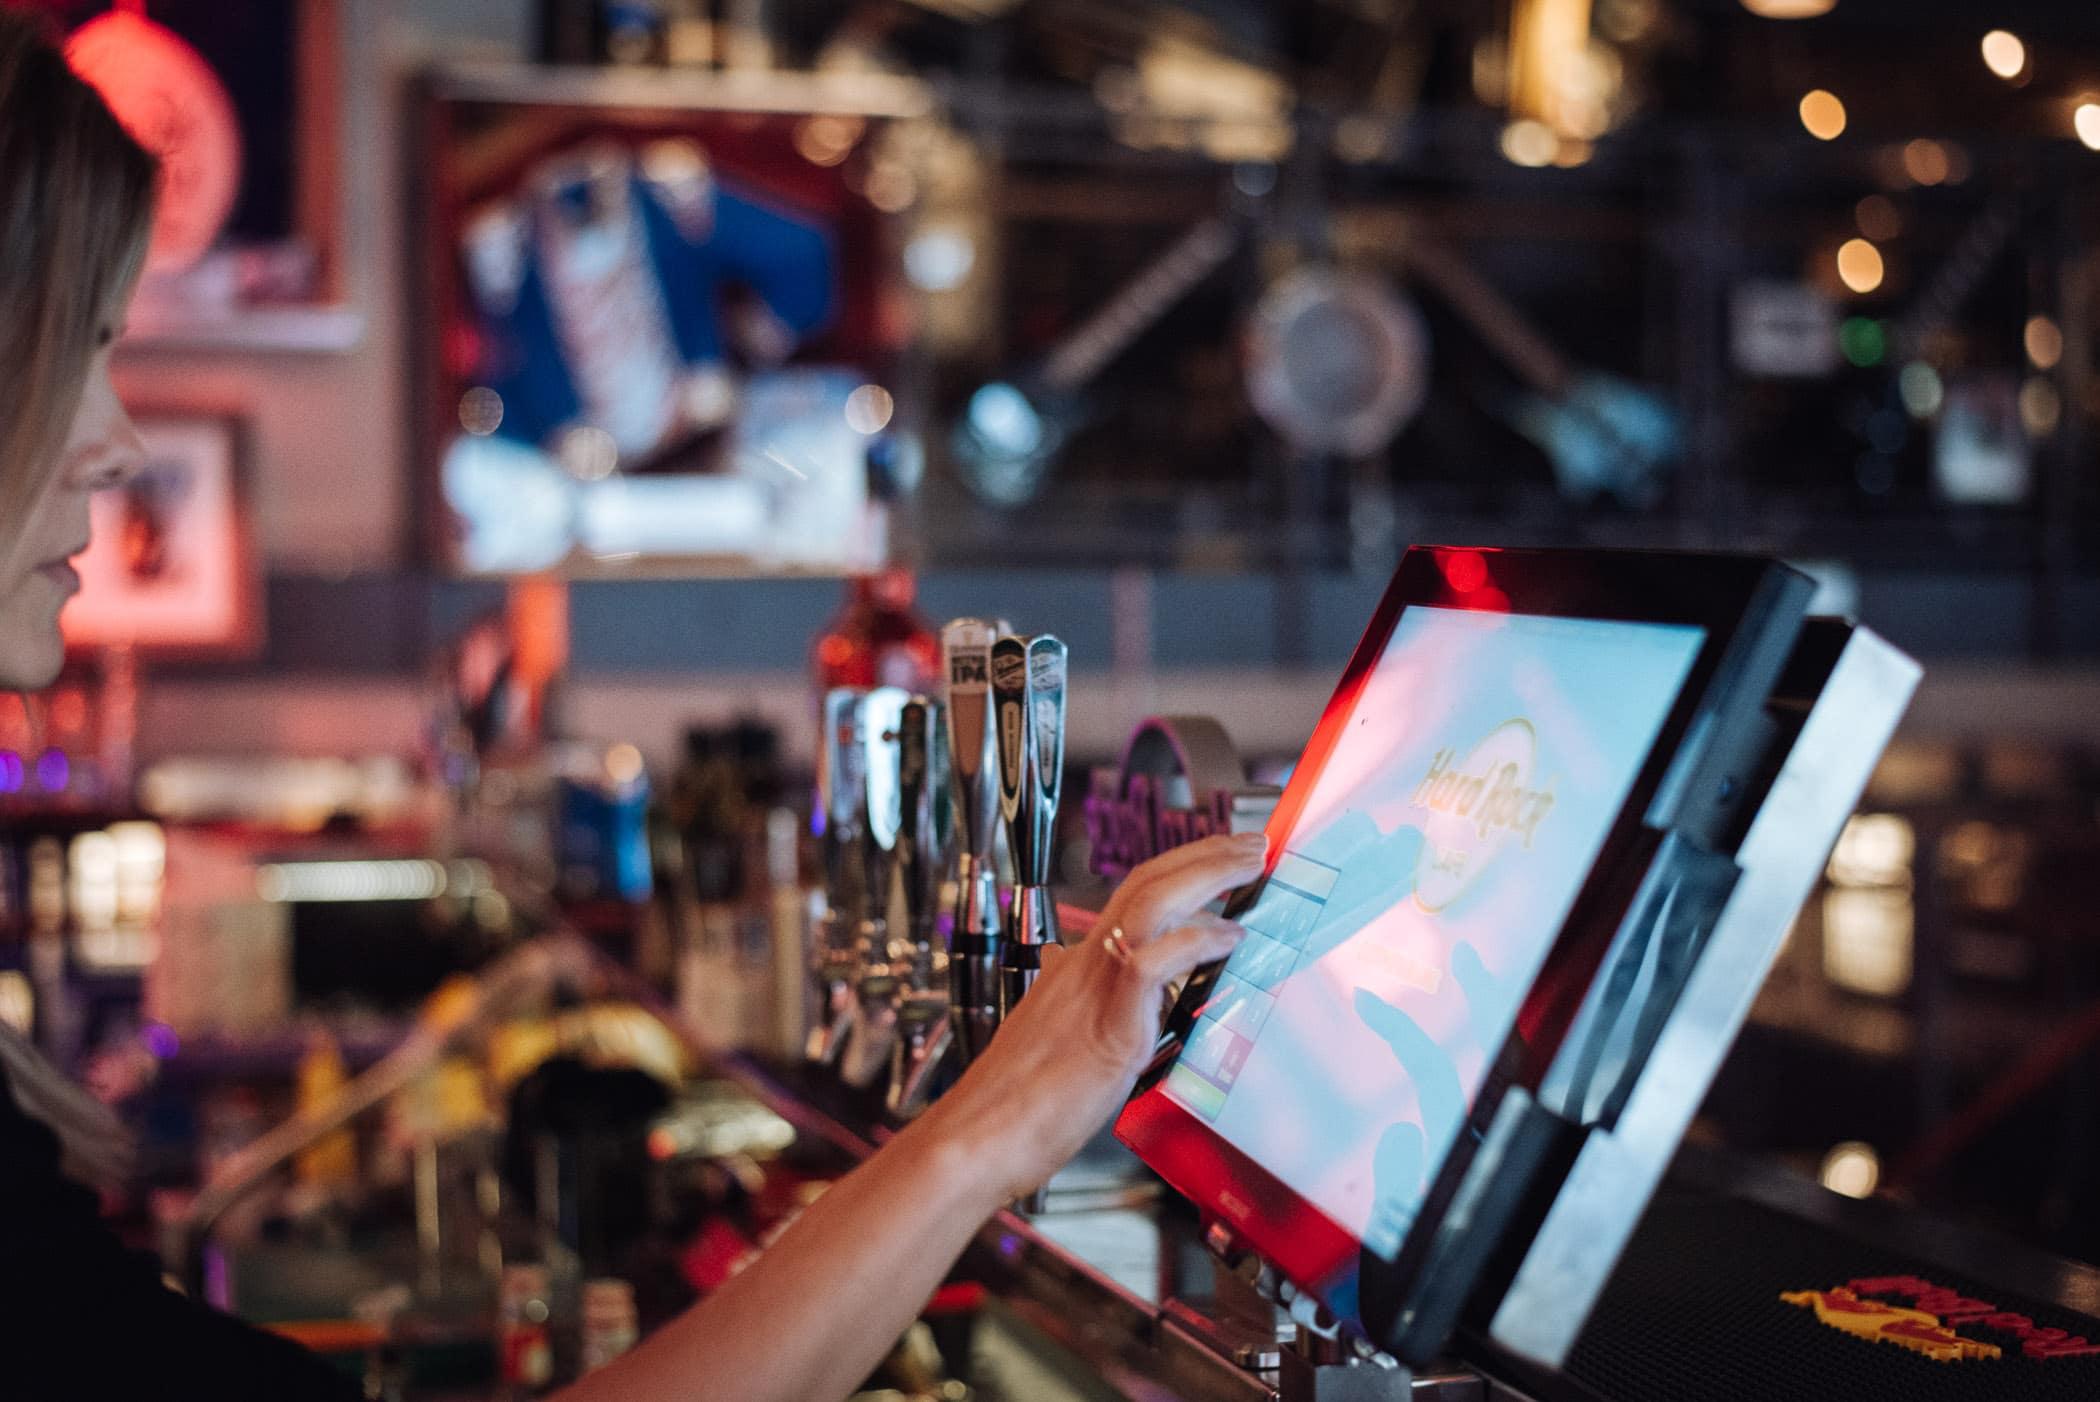 Kassesystemer til restauranter, barer og hotell samt barautomatisering